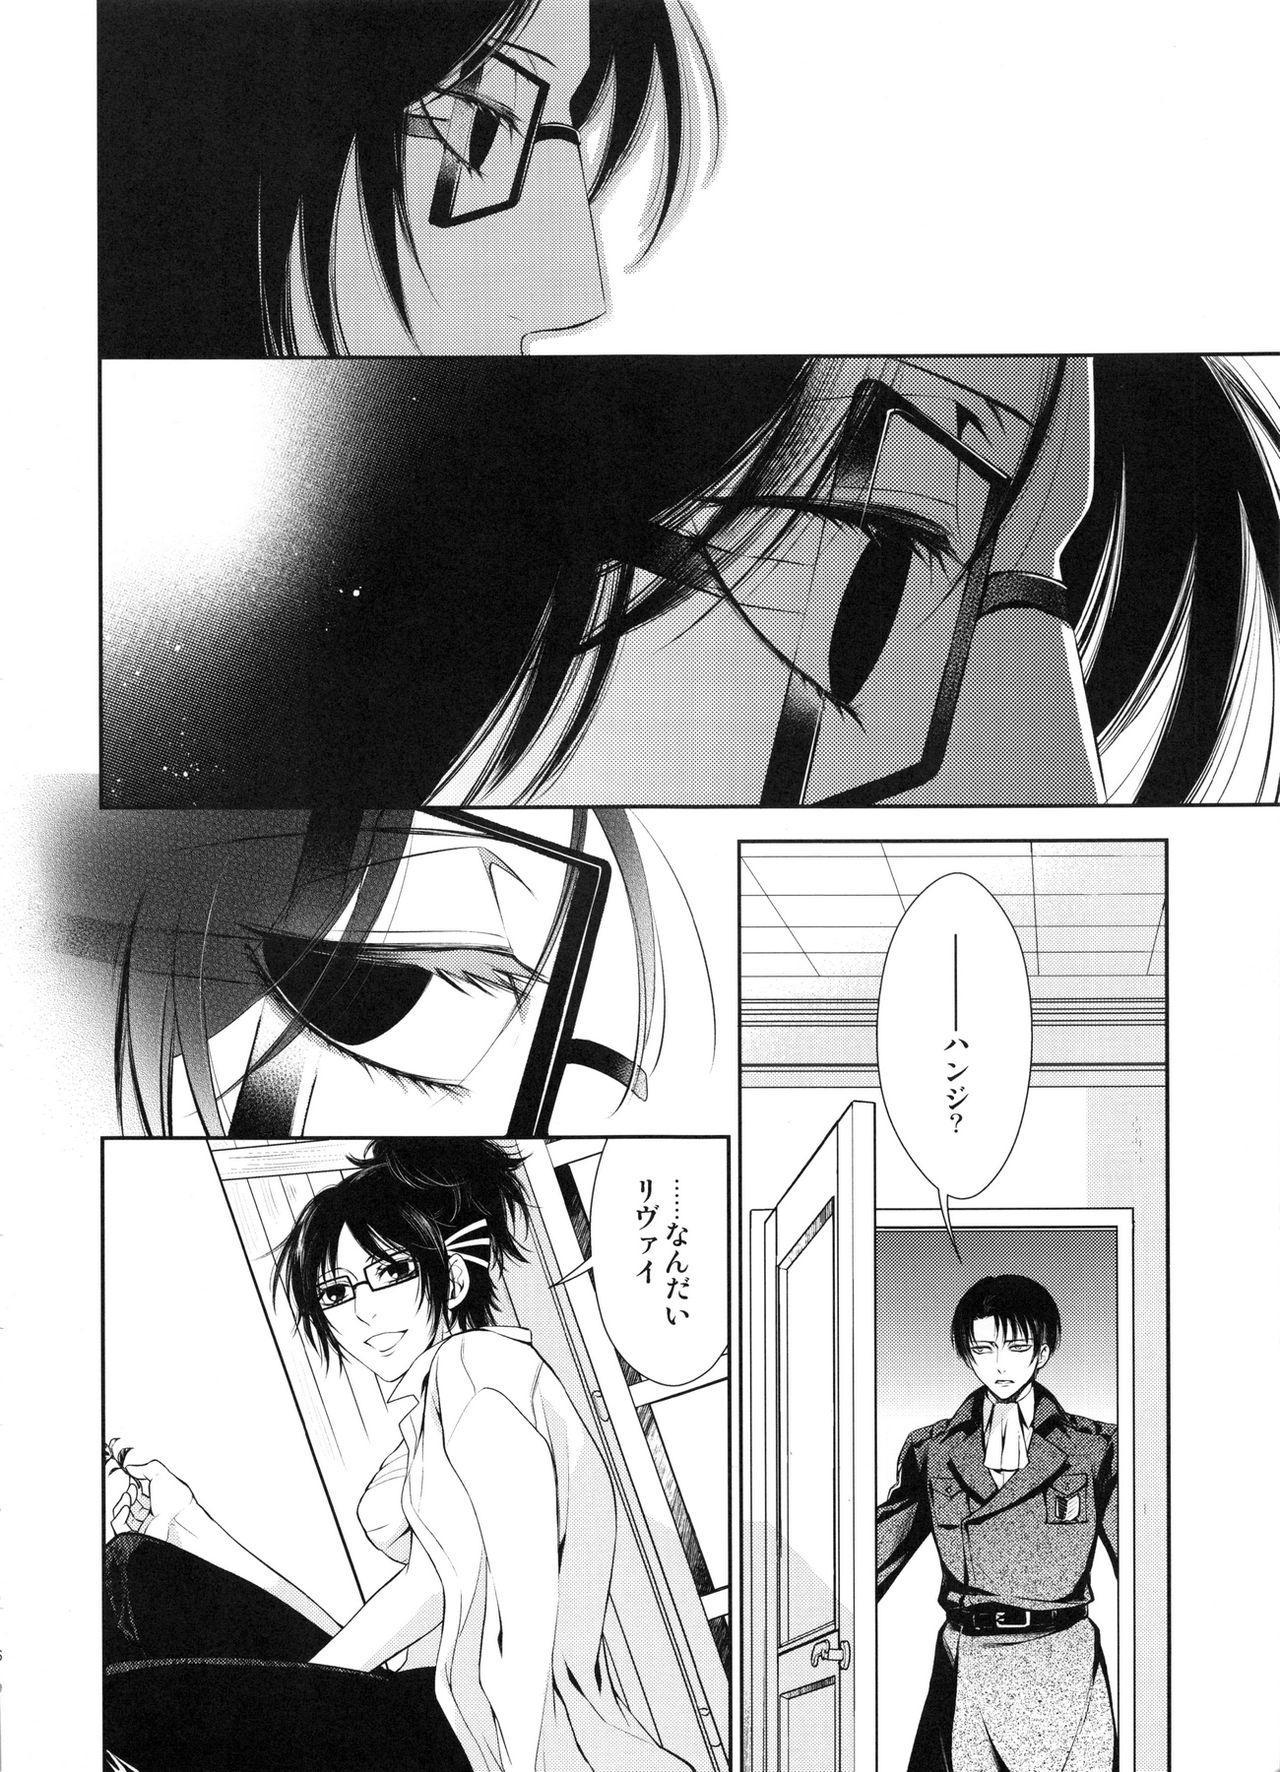 Meguri Meguri Soshite Mata Hana wa Saku 5